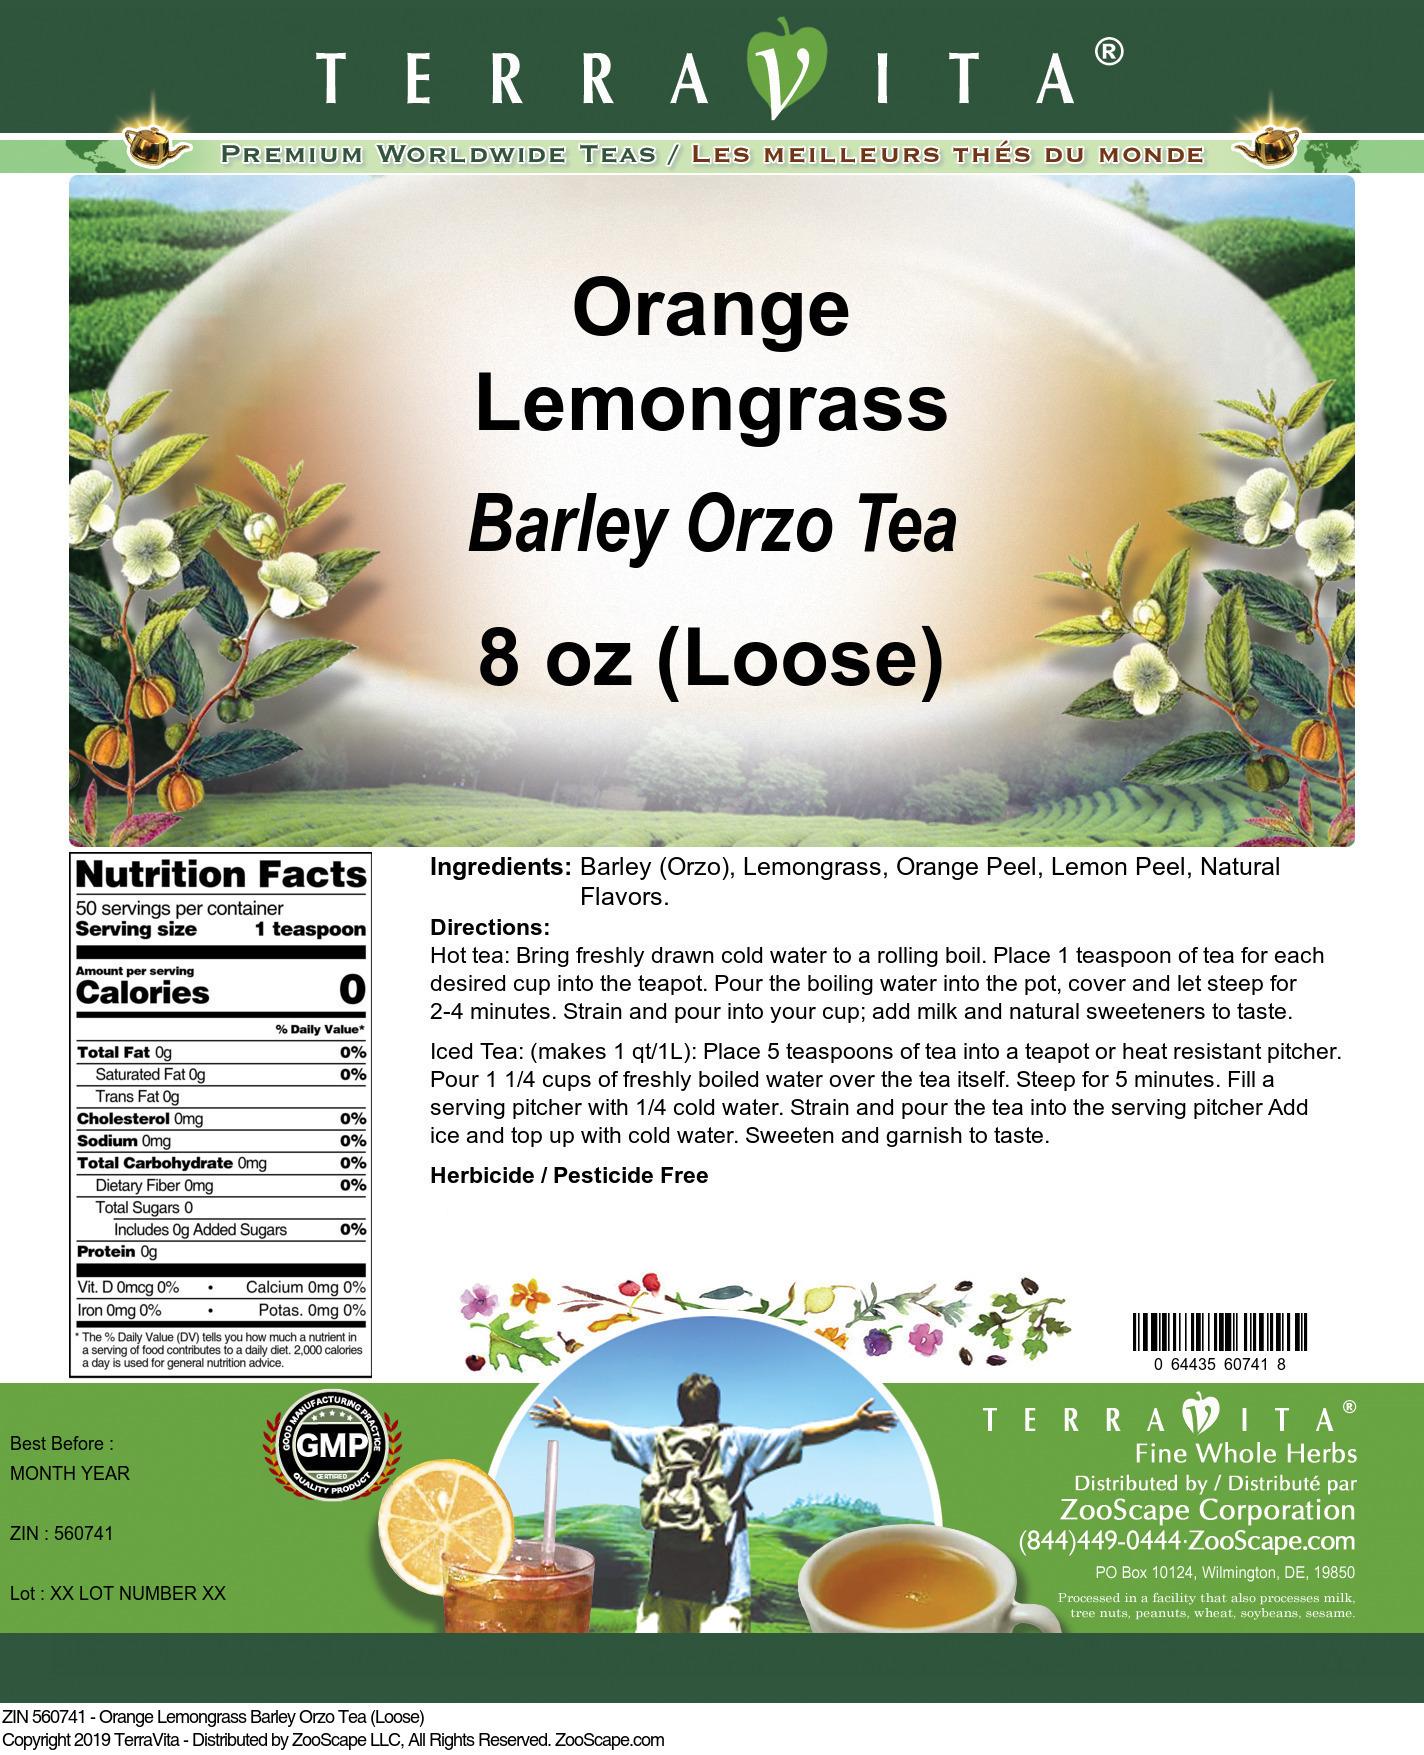 Orange Lemongrass Barley Orzo Tea (Loose)